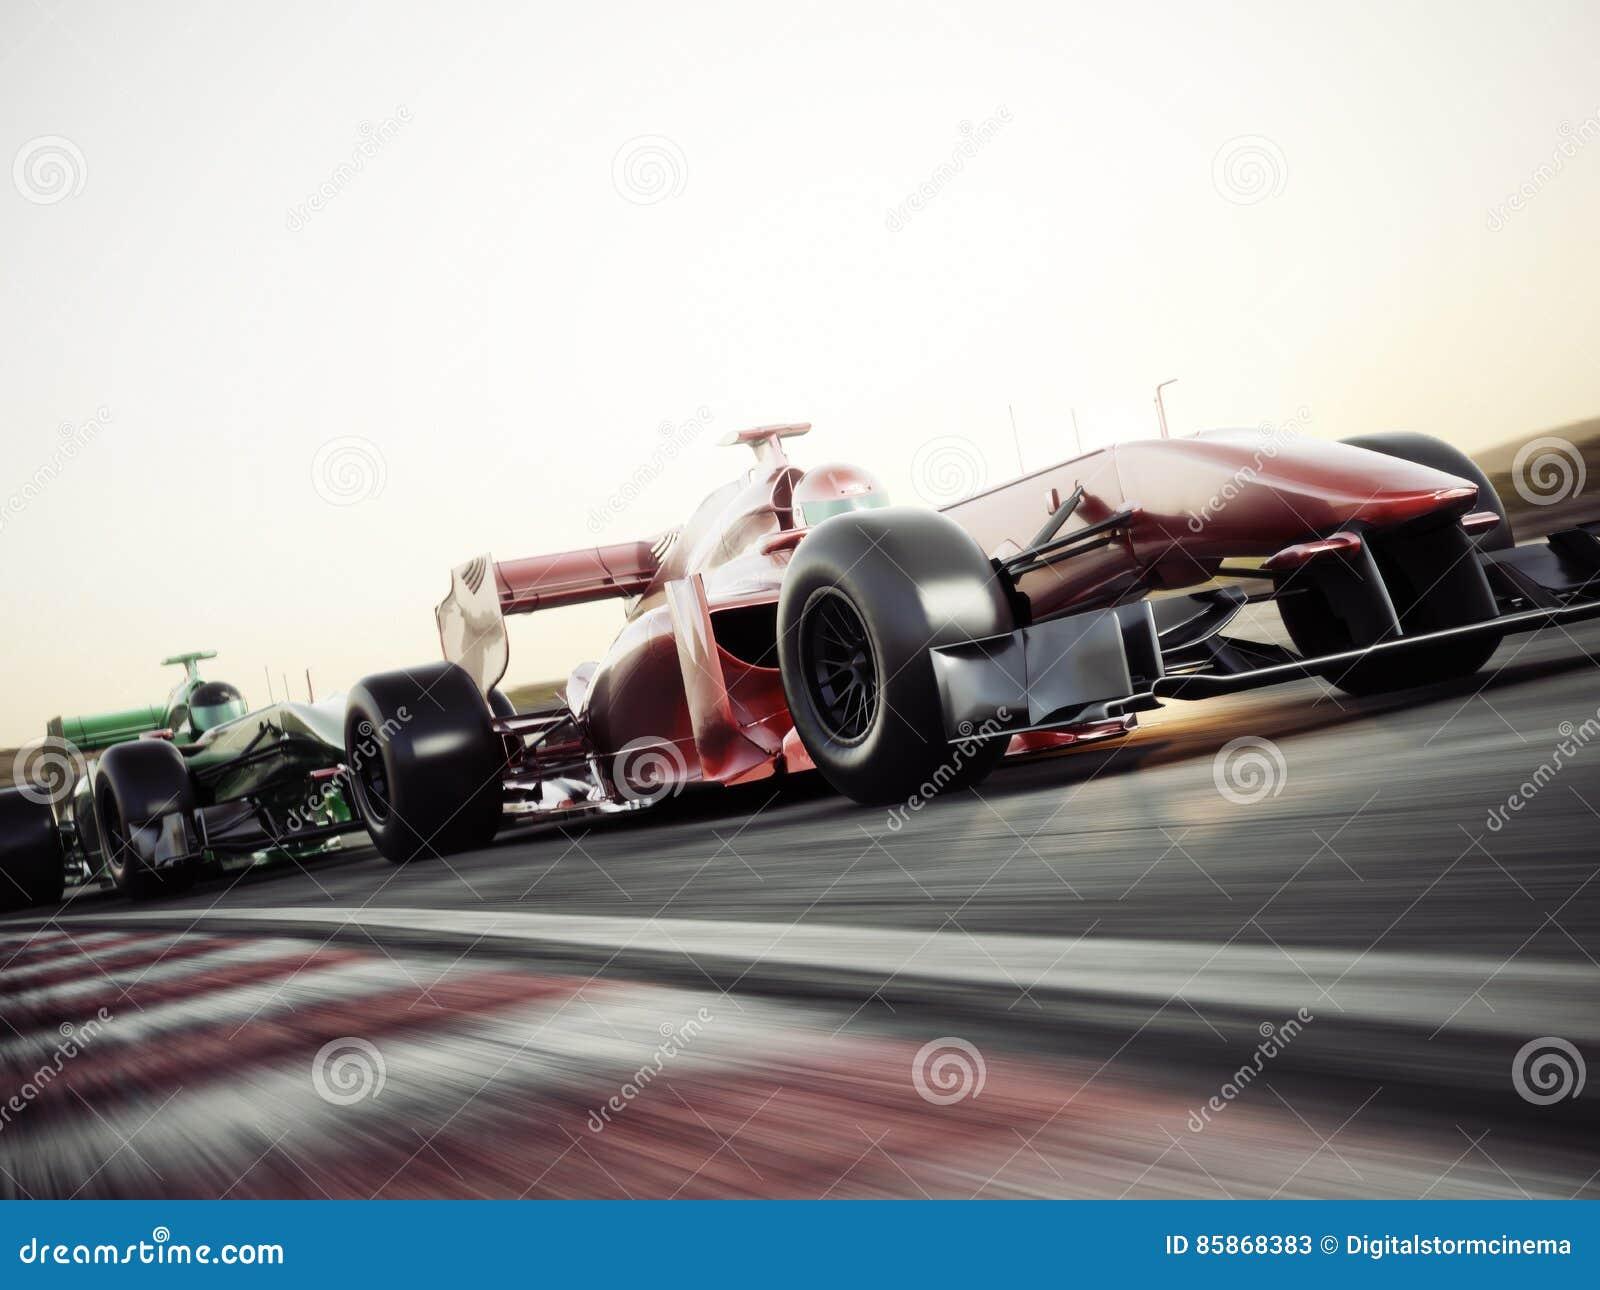 Wettbewerbsfähiges Teamlaufen der Motorsporte Sich schnell bewegendes generisches Rennwagenlaufen hinunter die Bahn